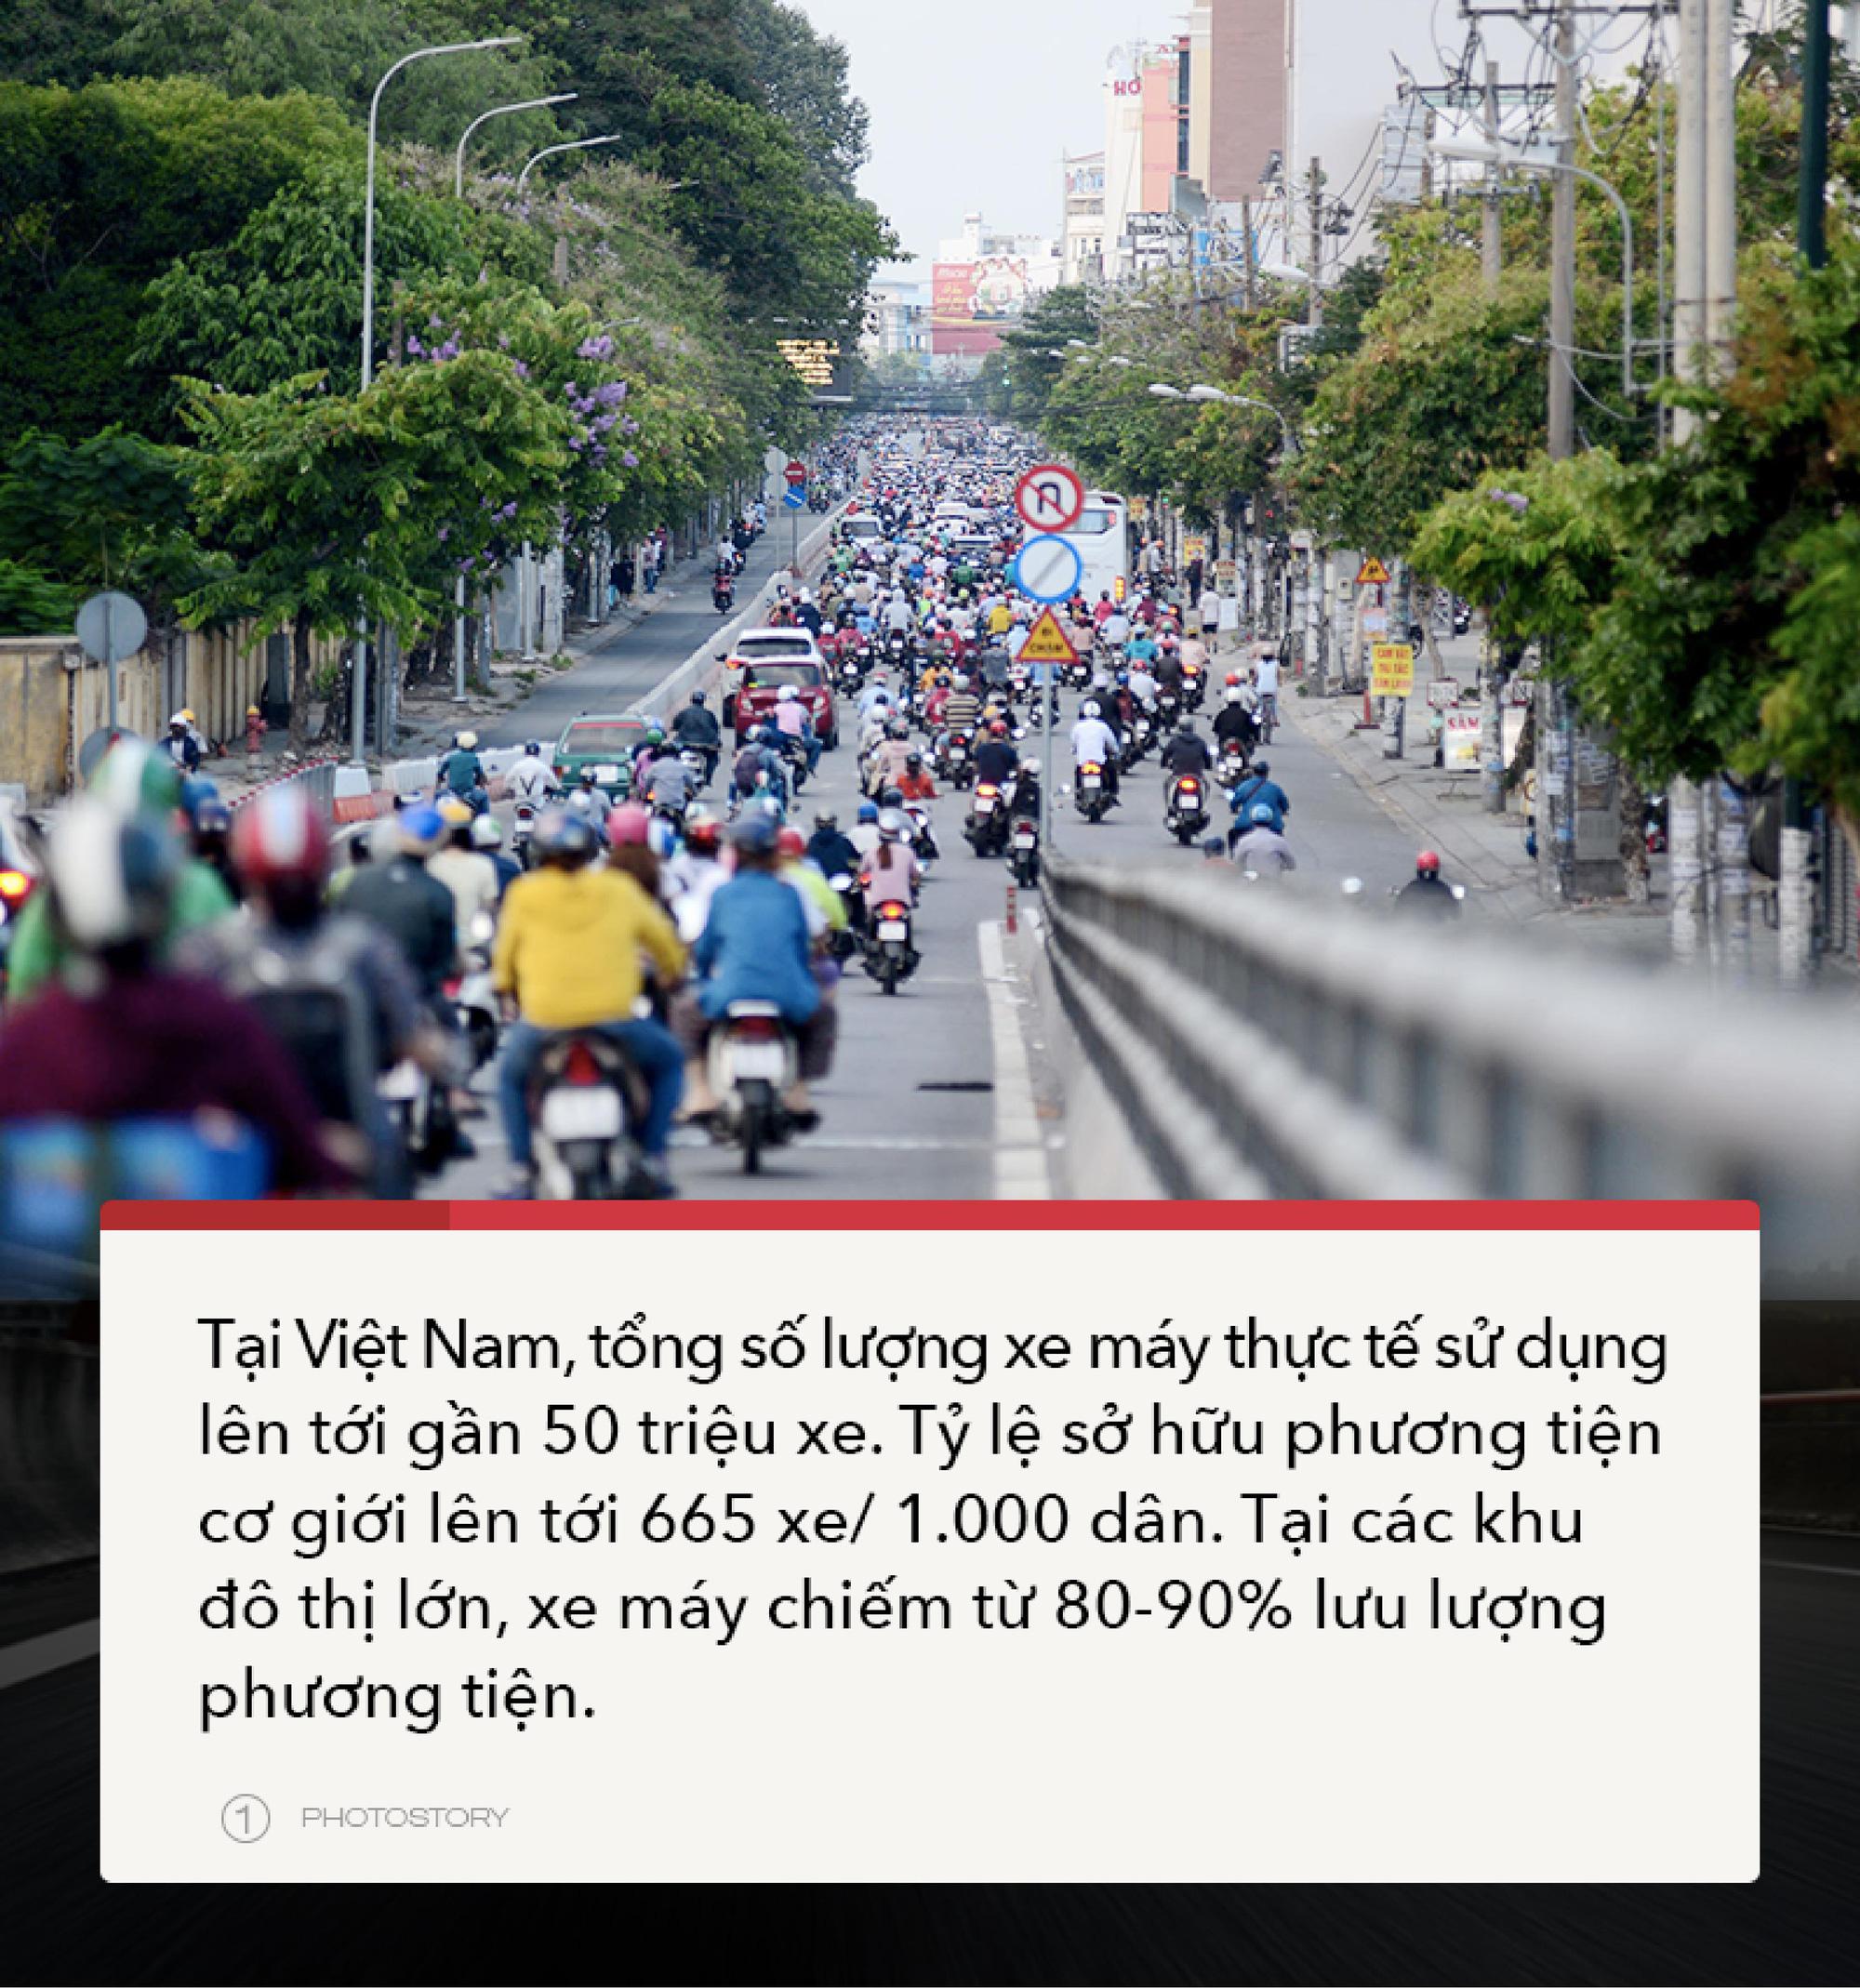 Đèn nhận diện ban ngày, xu hướng dần trở nên phổ biến tại Việt Nam - Ảnh 1.